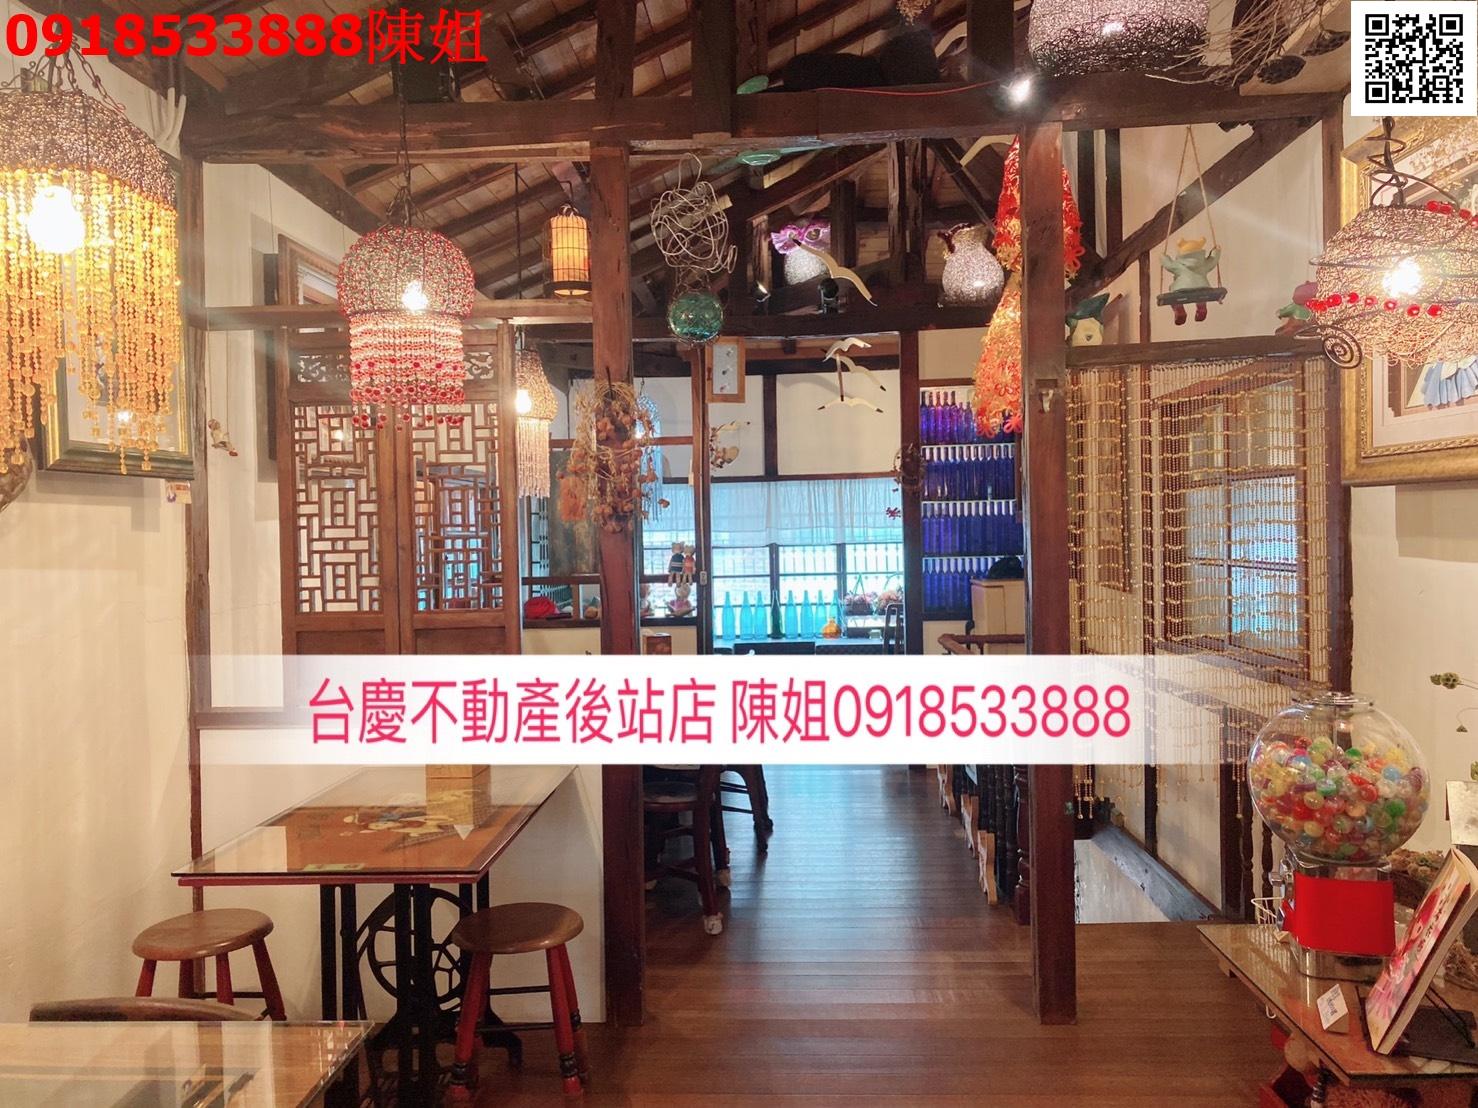 嘉義市東區復古餐飲雙店面 屋況非常好面寬漂亮